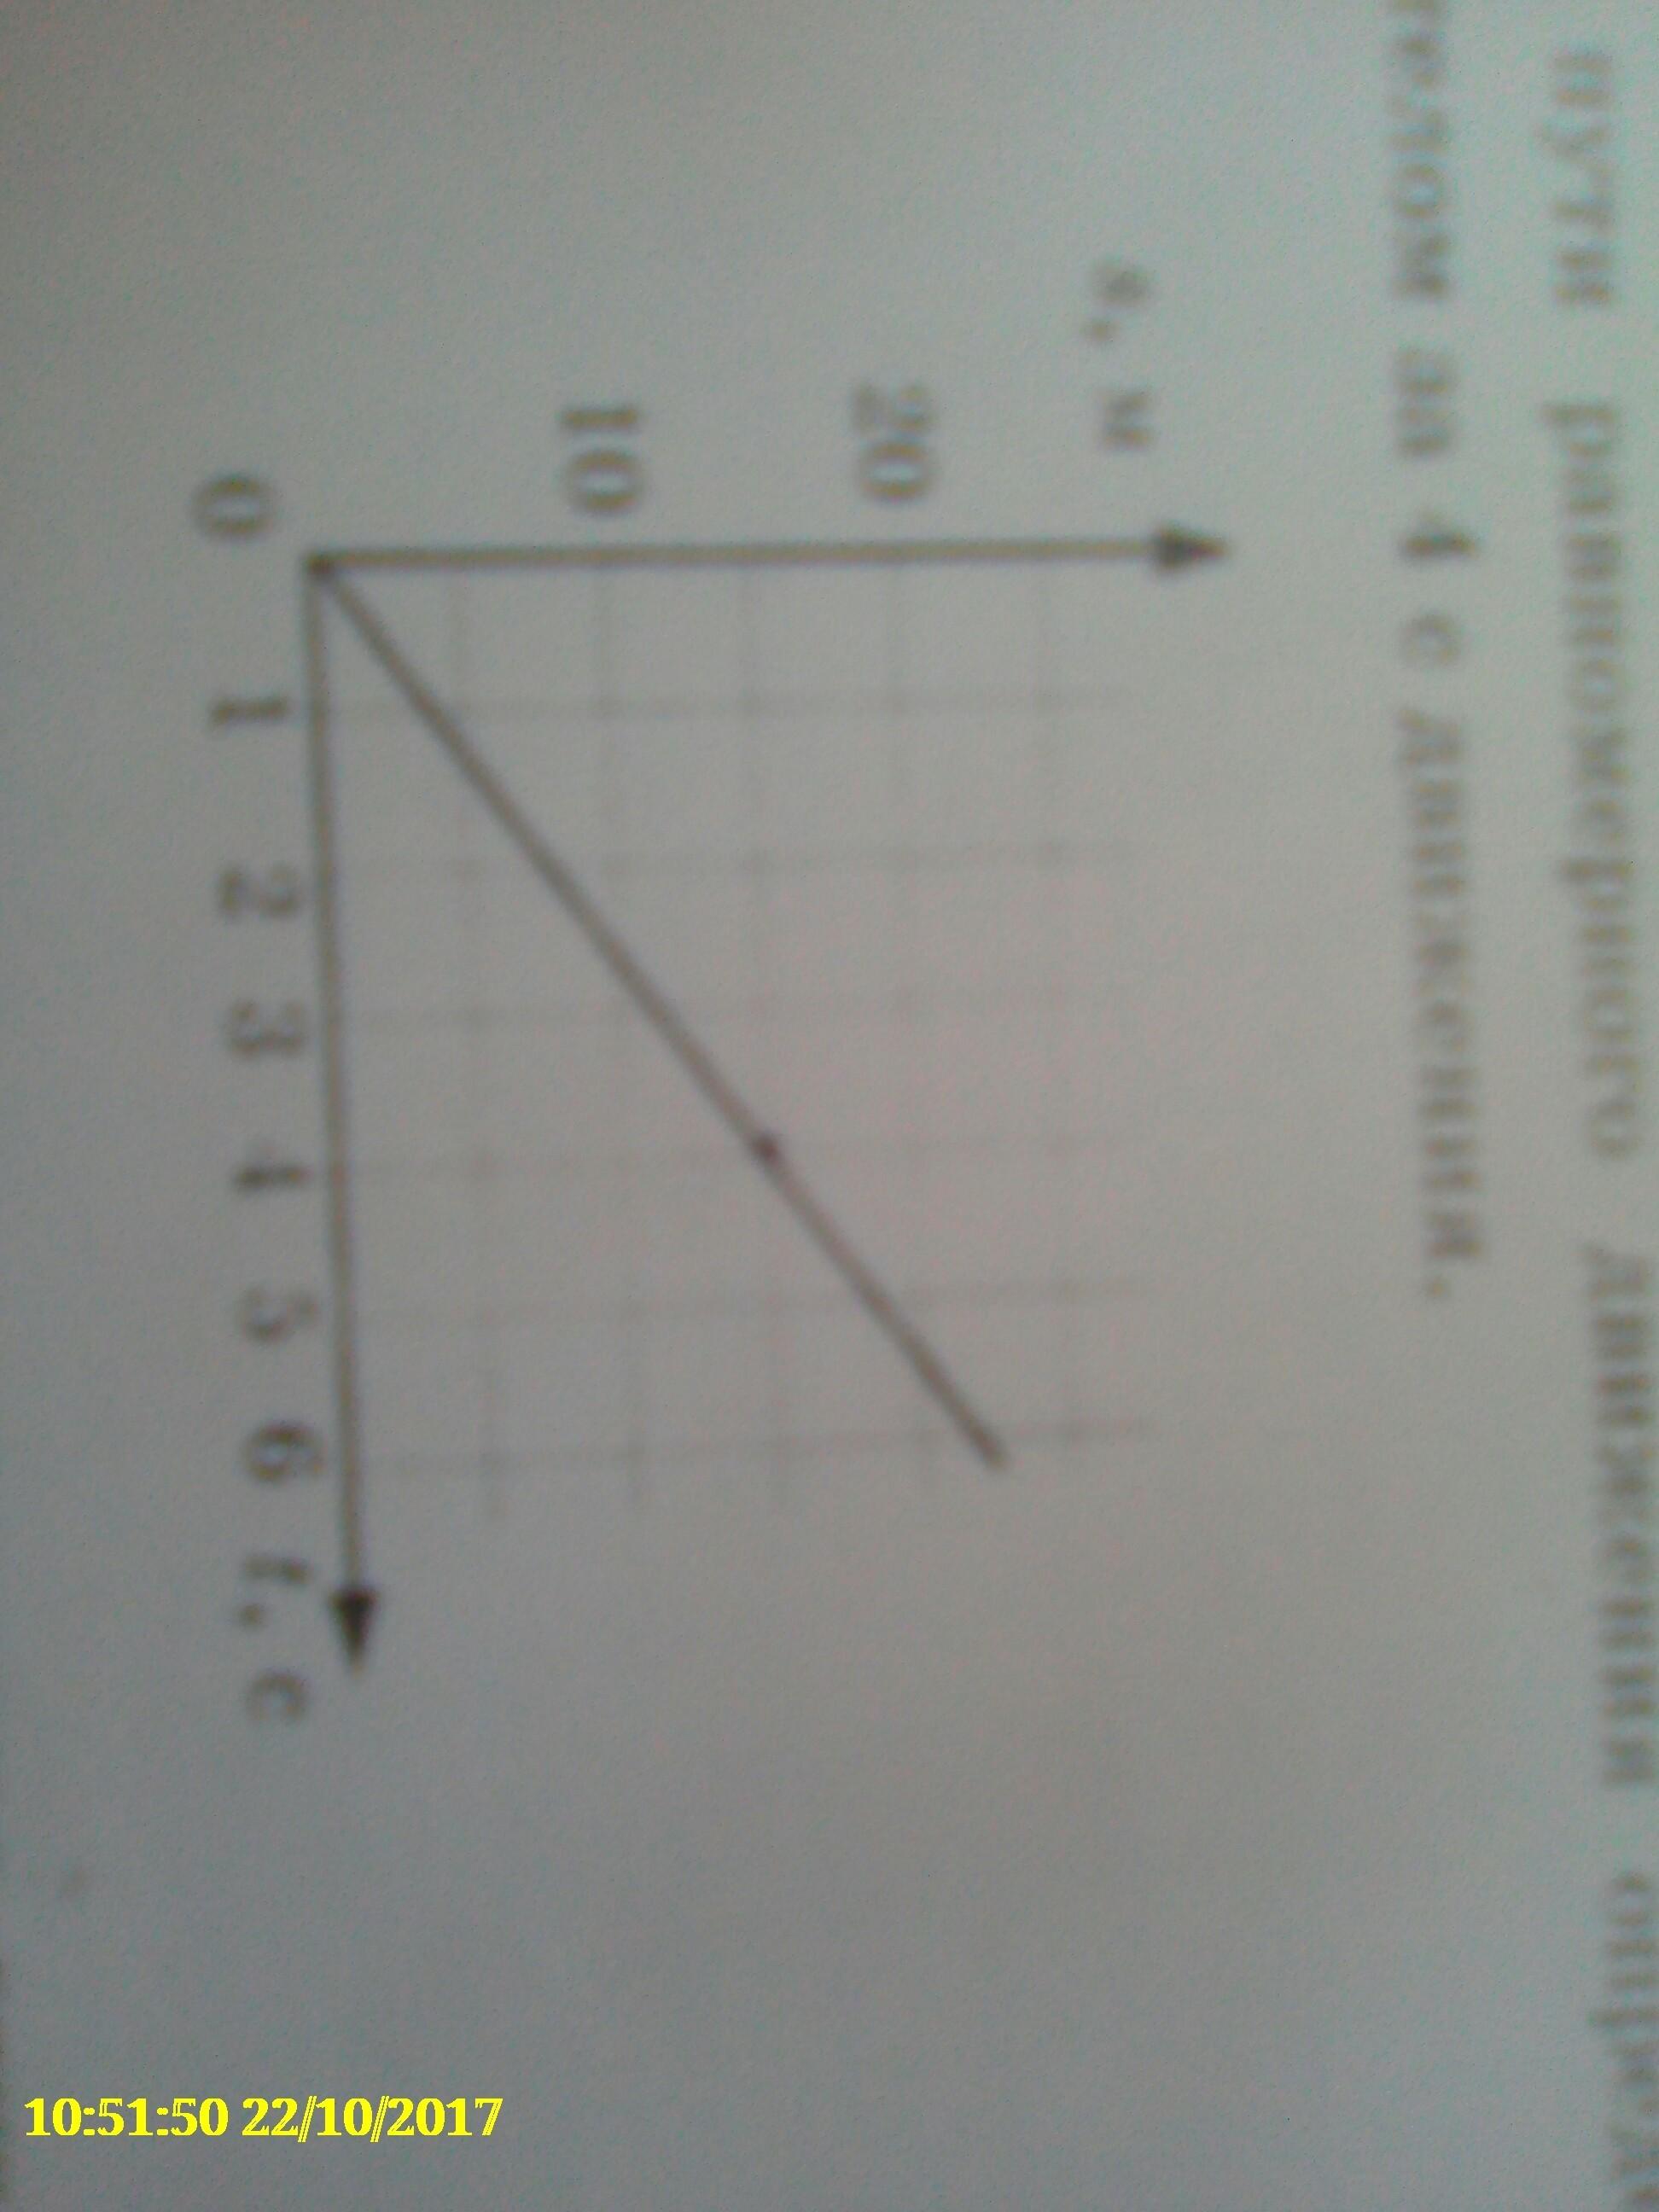 Физика, привет, ребята)))  По графику пути равномерного движения определите путь, пройденный телом за 4 сек. движения. Даю двадцать баллов, сорри за качество